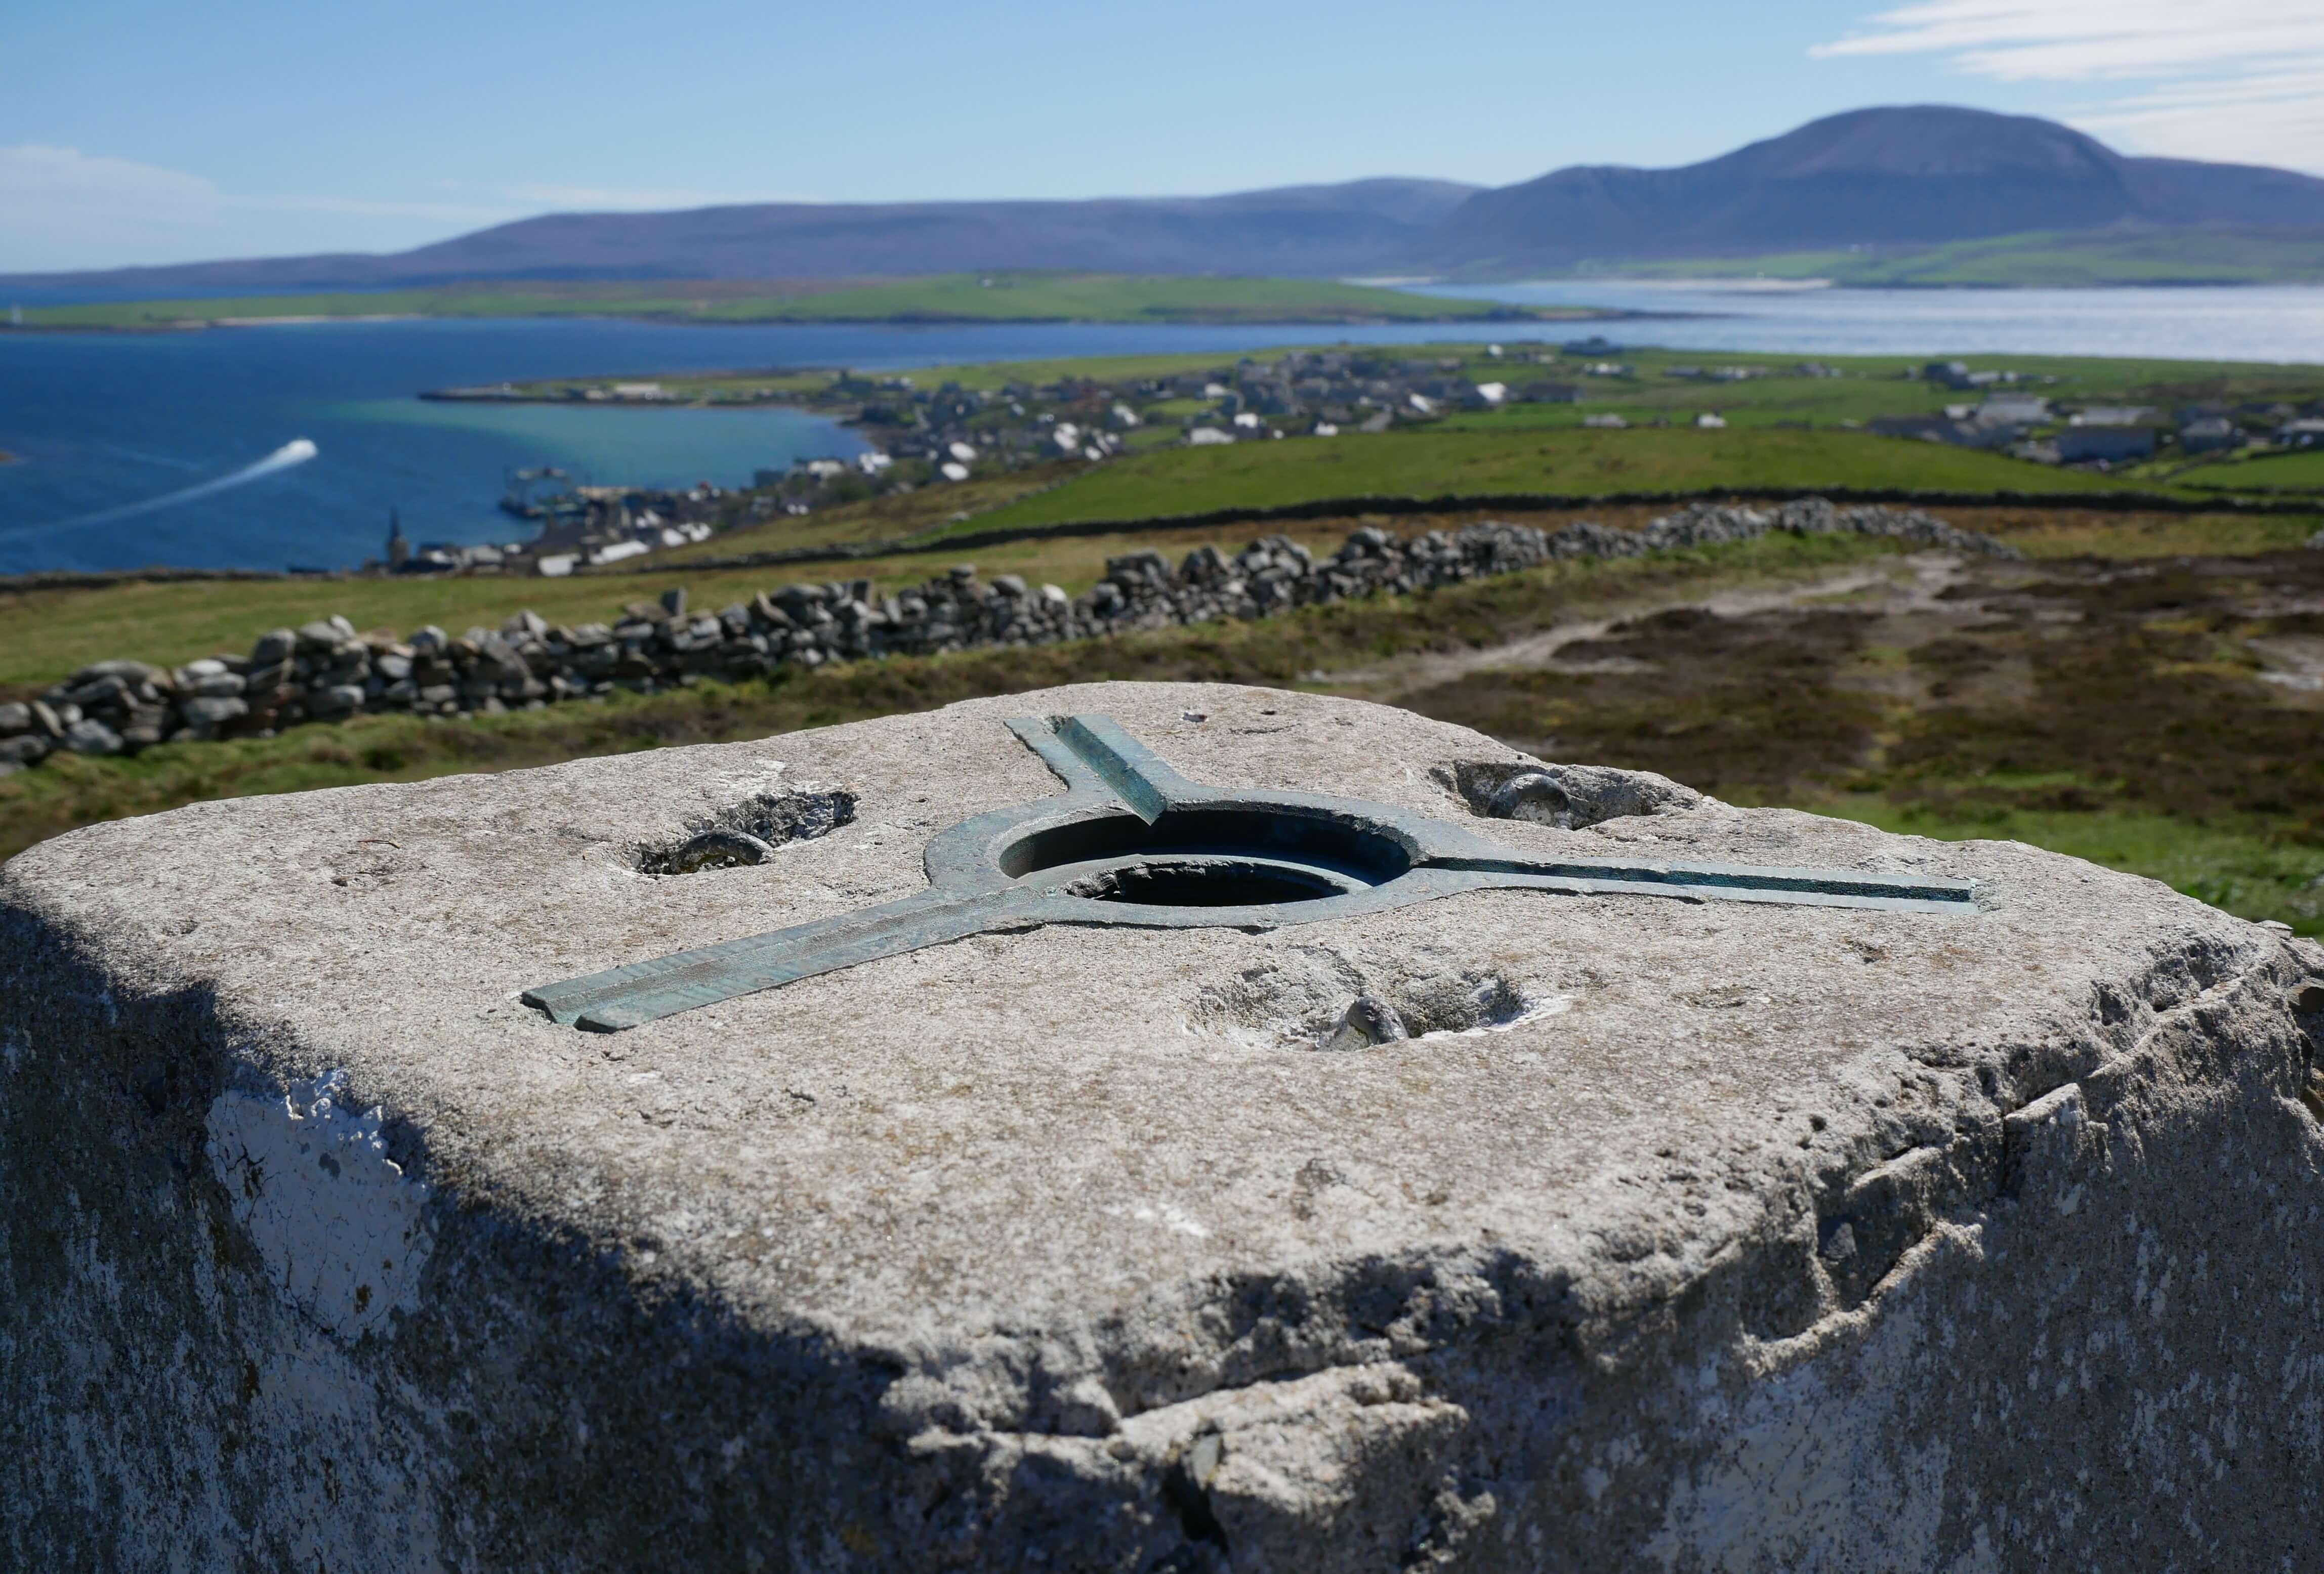 Trig point 1639, Brinkie's Brae, Stromness, Orkney, Scotland